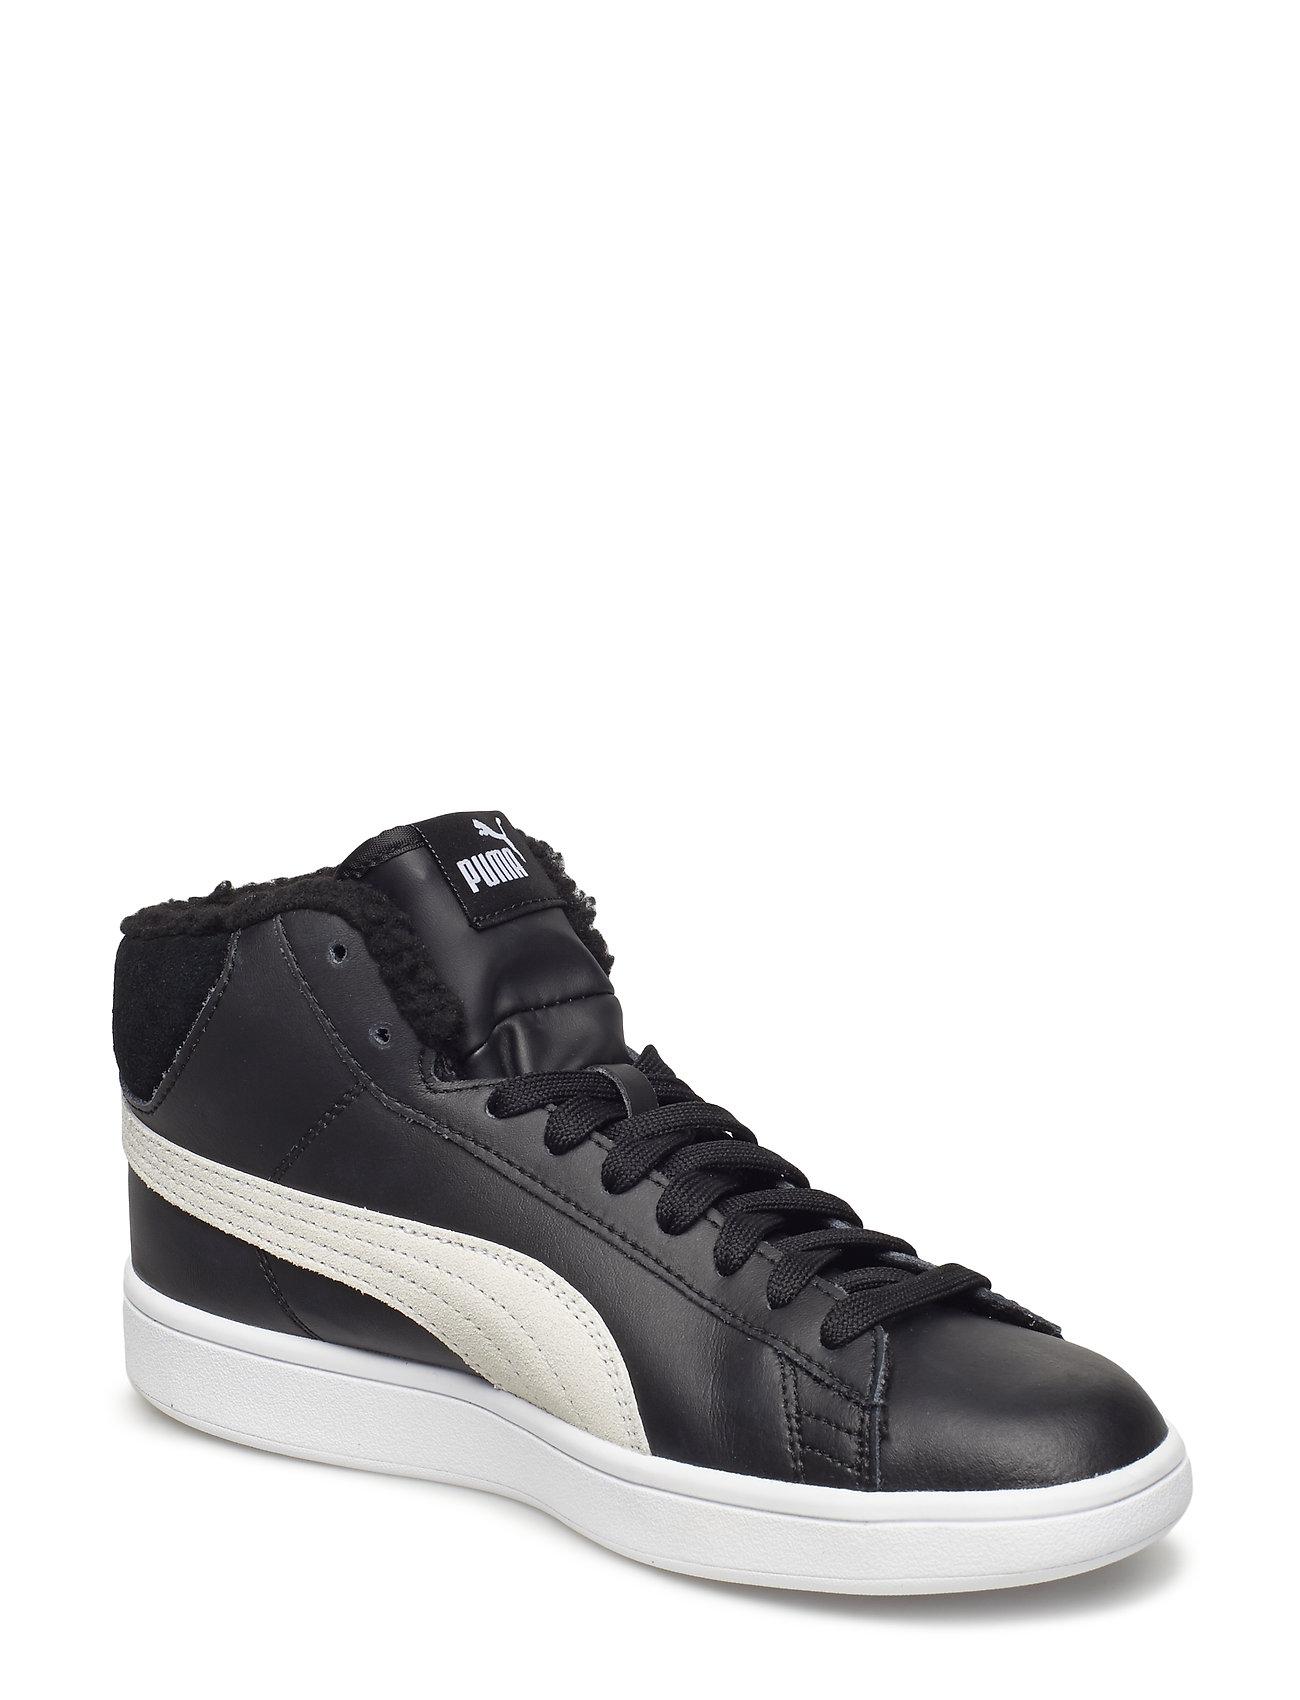 Puma Smash V2 Mid L Fur Jr (Puma Black-puma White) (£32.40) - PUMA ... cdb3c94497